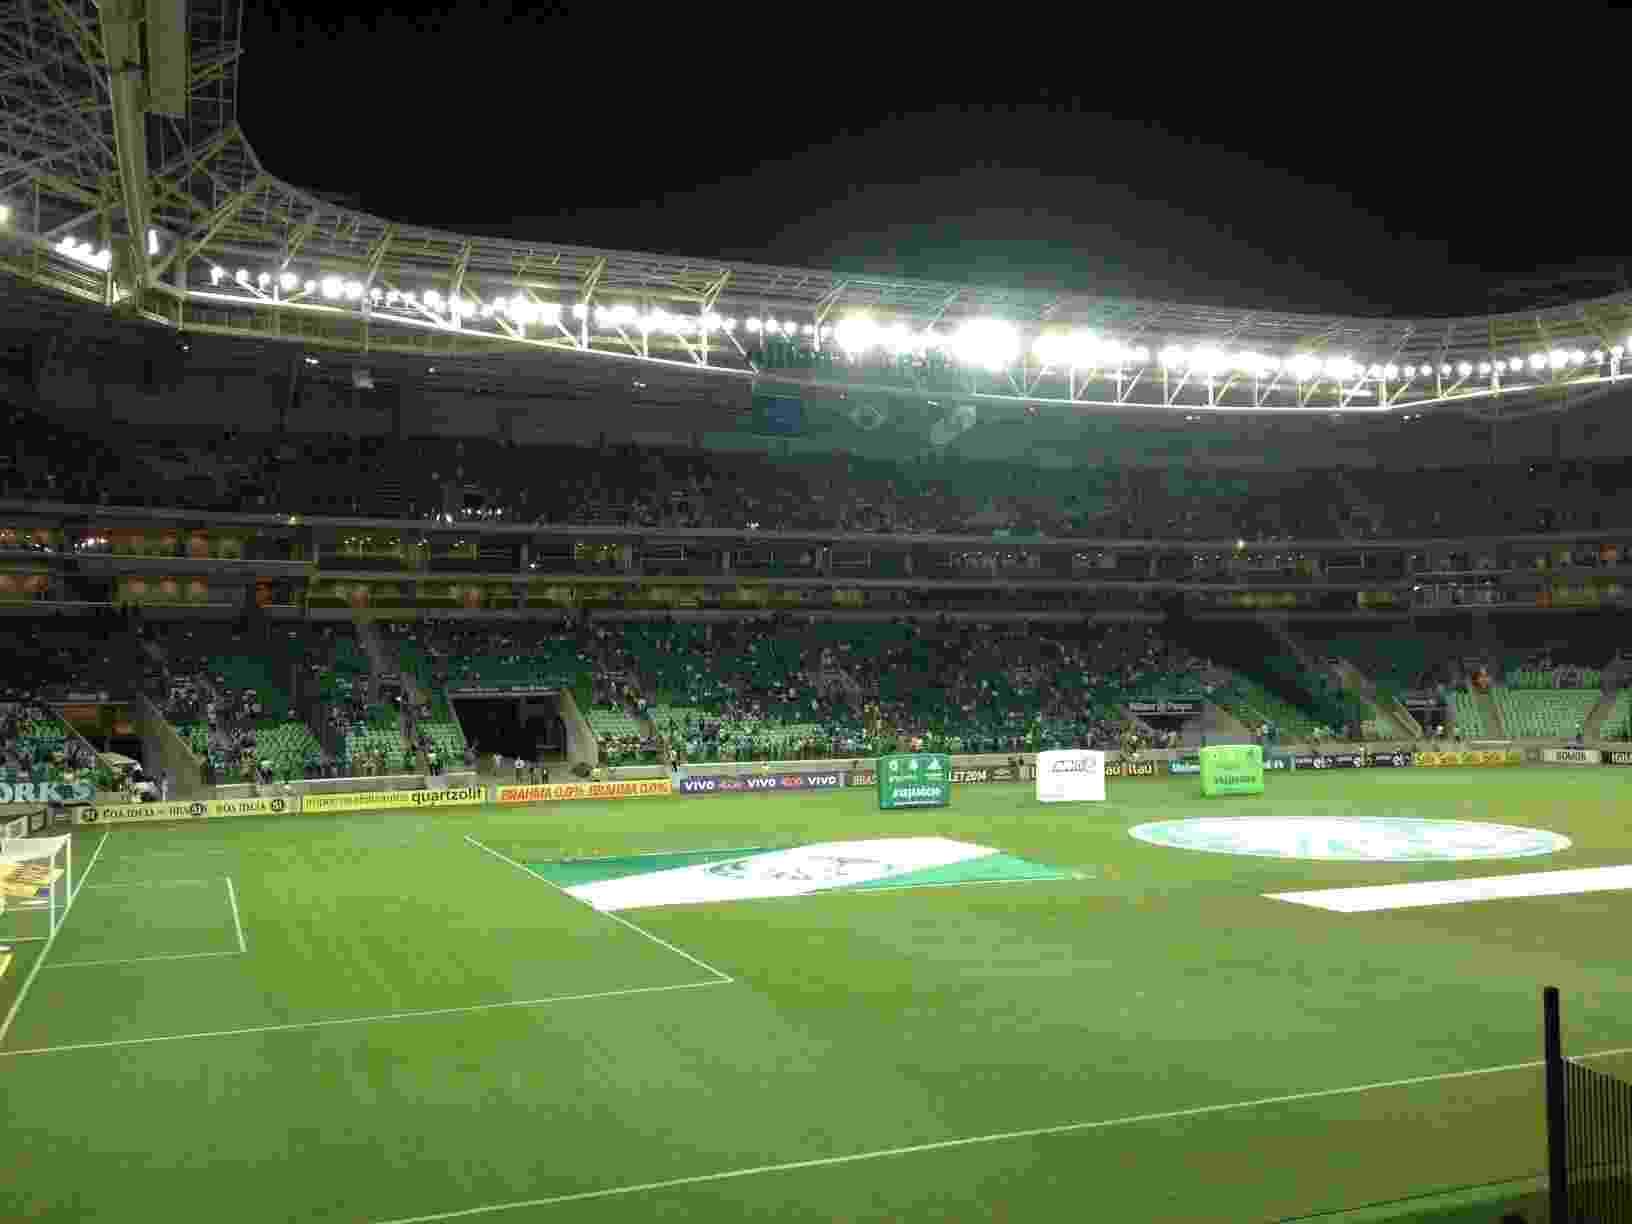 Estádio Allianz Parque em dia de jogo do Palmeiras - Rodrigo Mattos/UOL